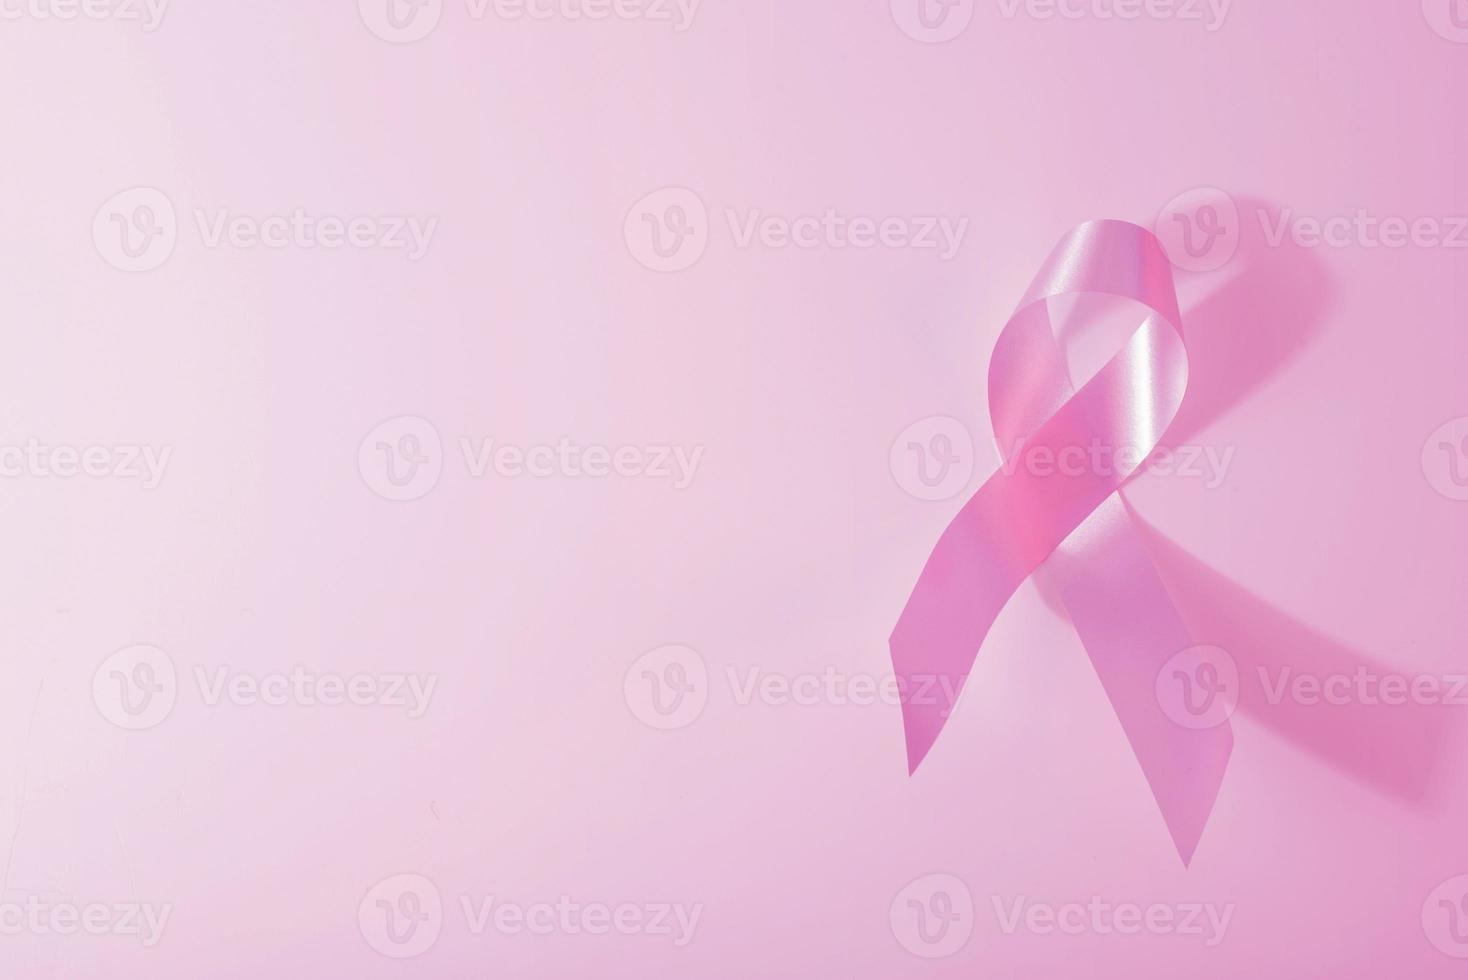 rosa Bandhintergrund des Brustkrebsbewusstseins foto